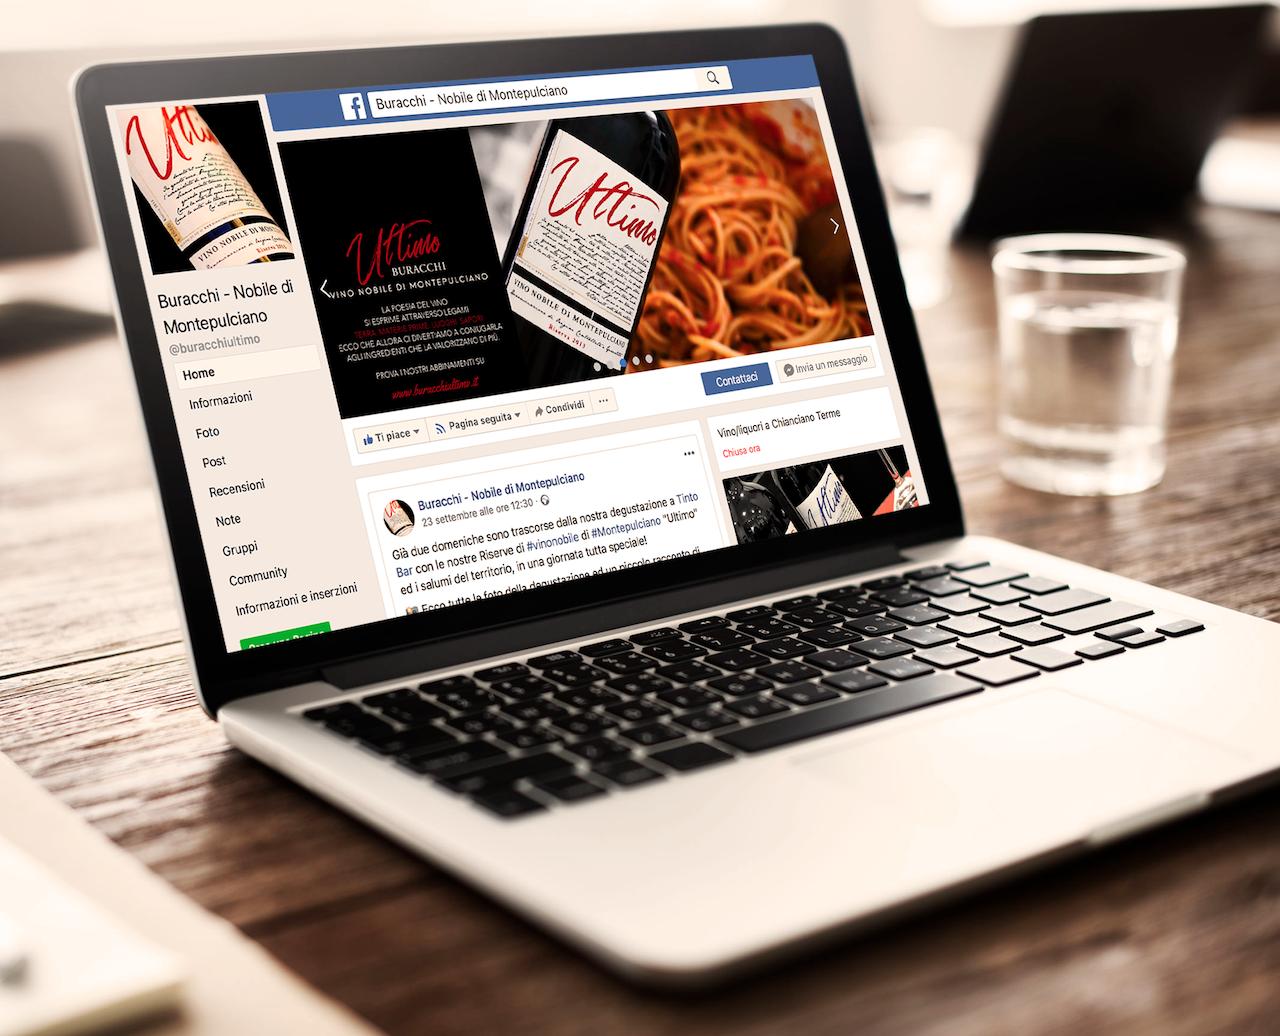 La pagina facebook dell'Azienda Agricola Buracchi: un sapiente mix di informazioni, curiosità, attualità e prodotti